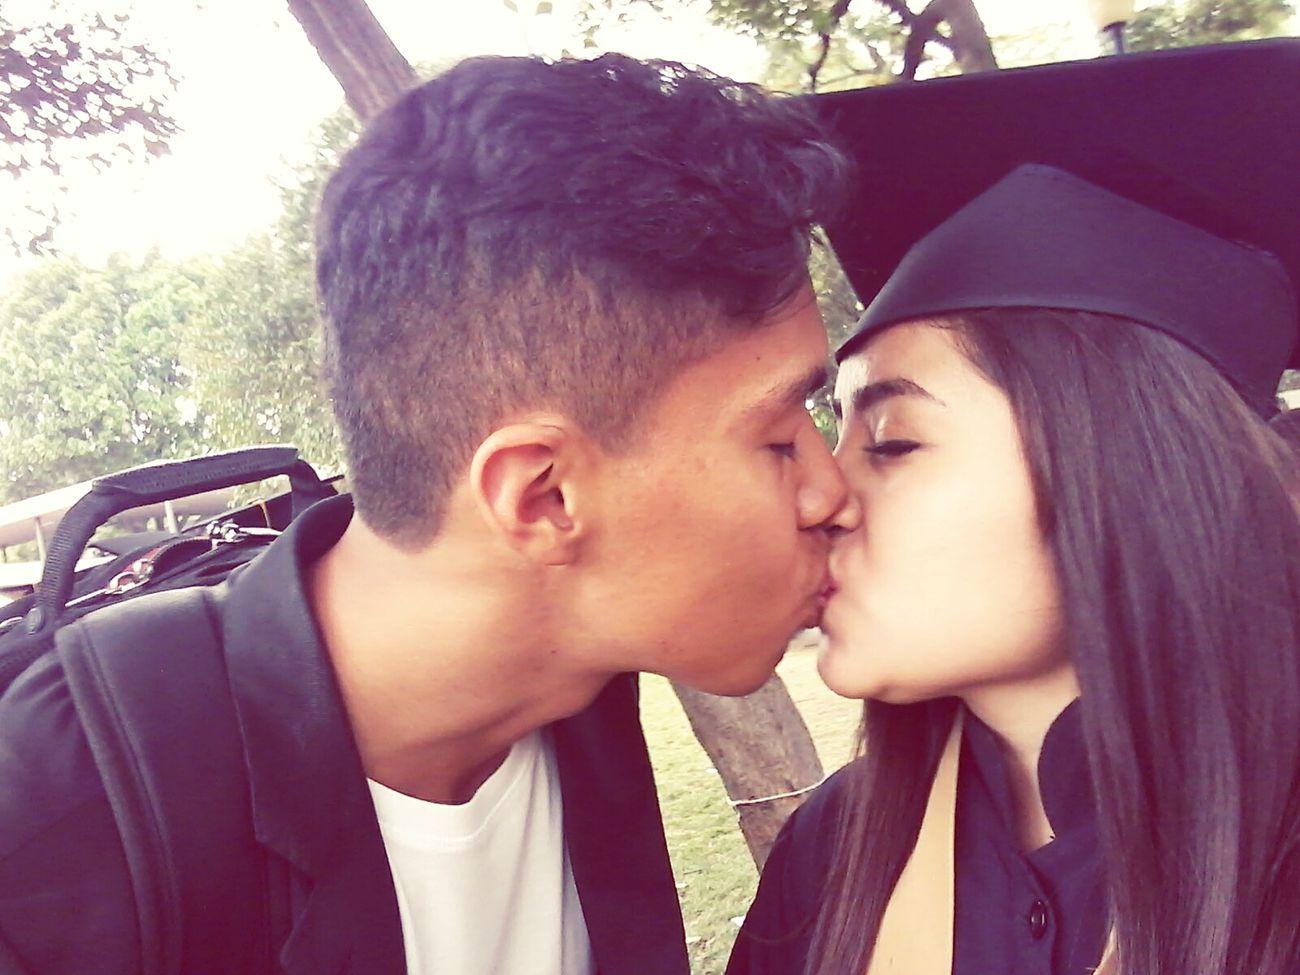 Graduacion! UNAM <3 Ciudaduniversitaria Derecho First Eyeem Photo